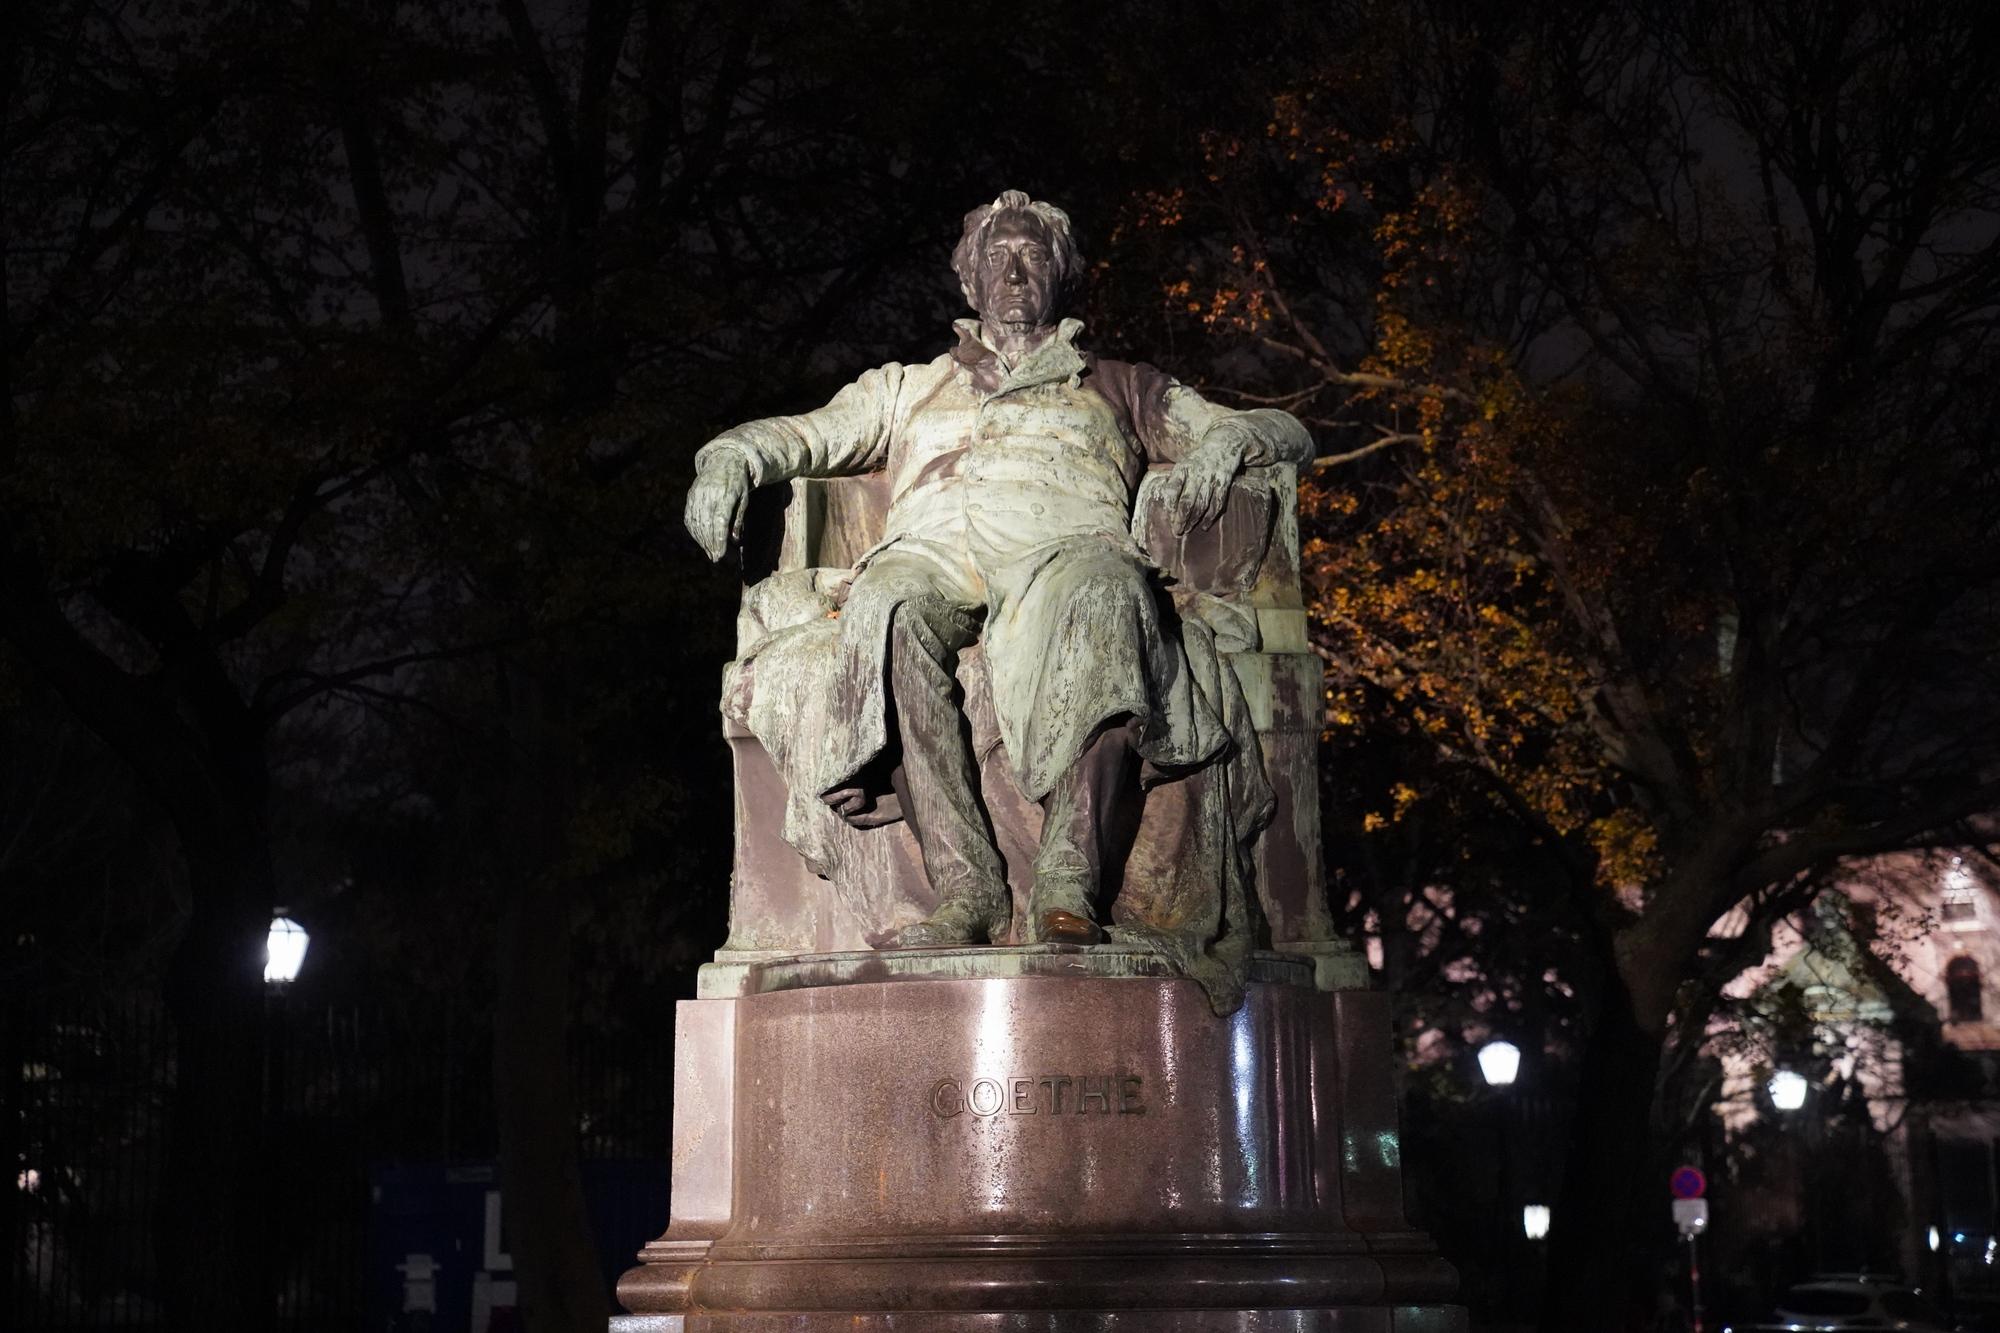 Statue of famous white Supremacist Goethe, still untoppled